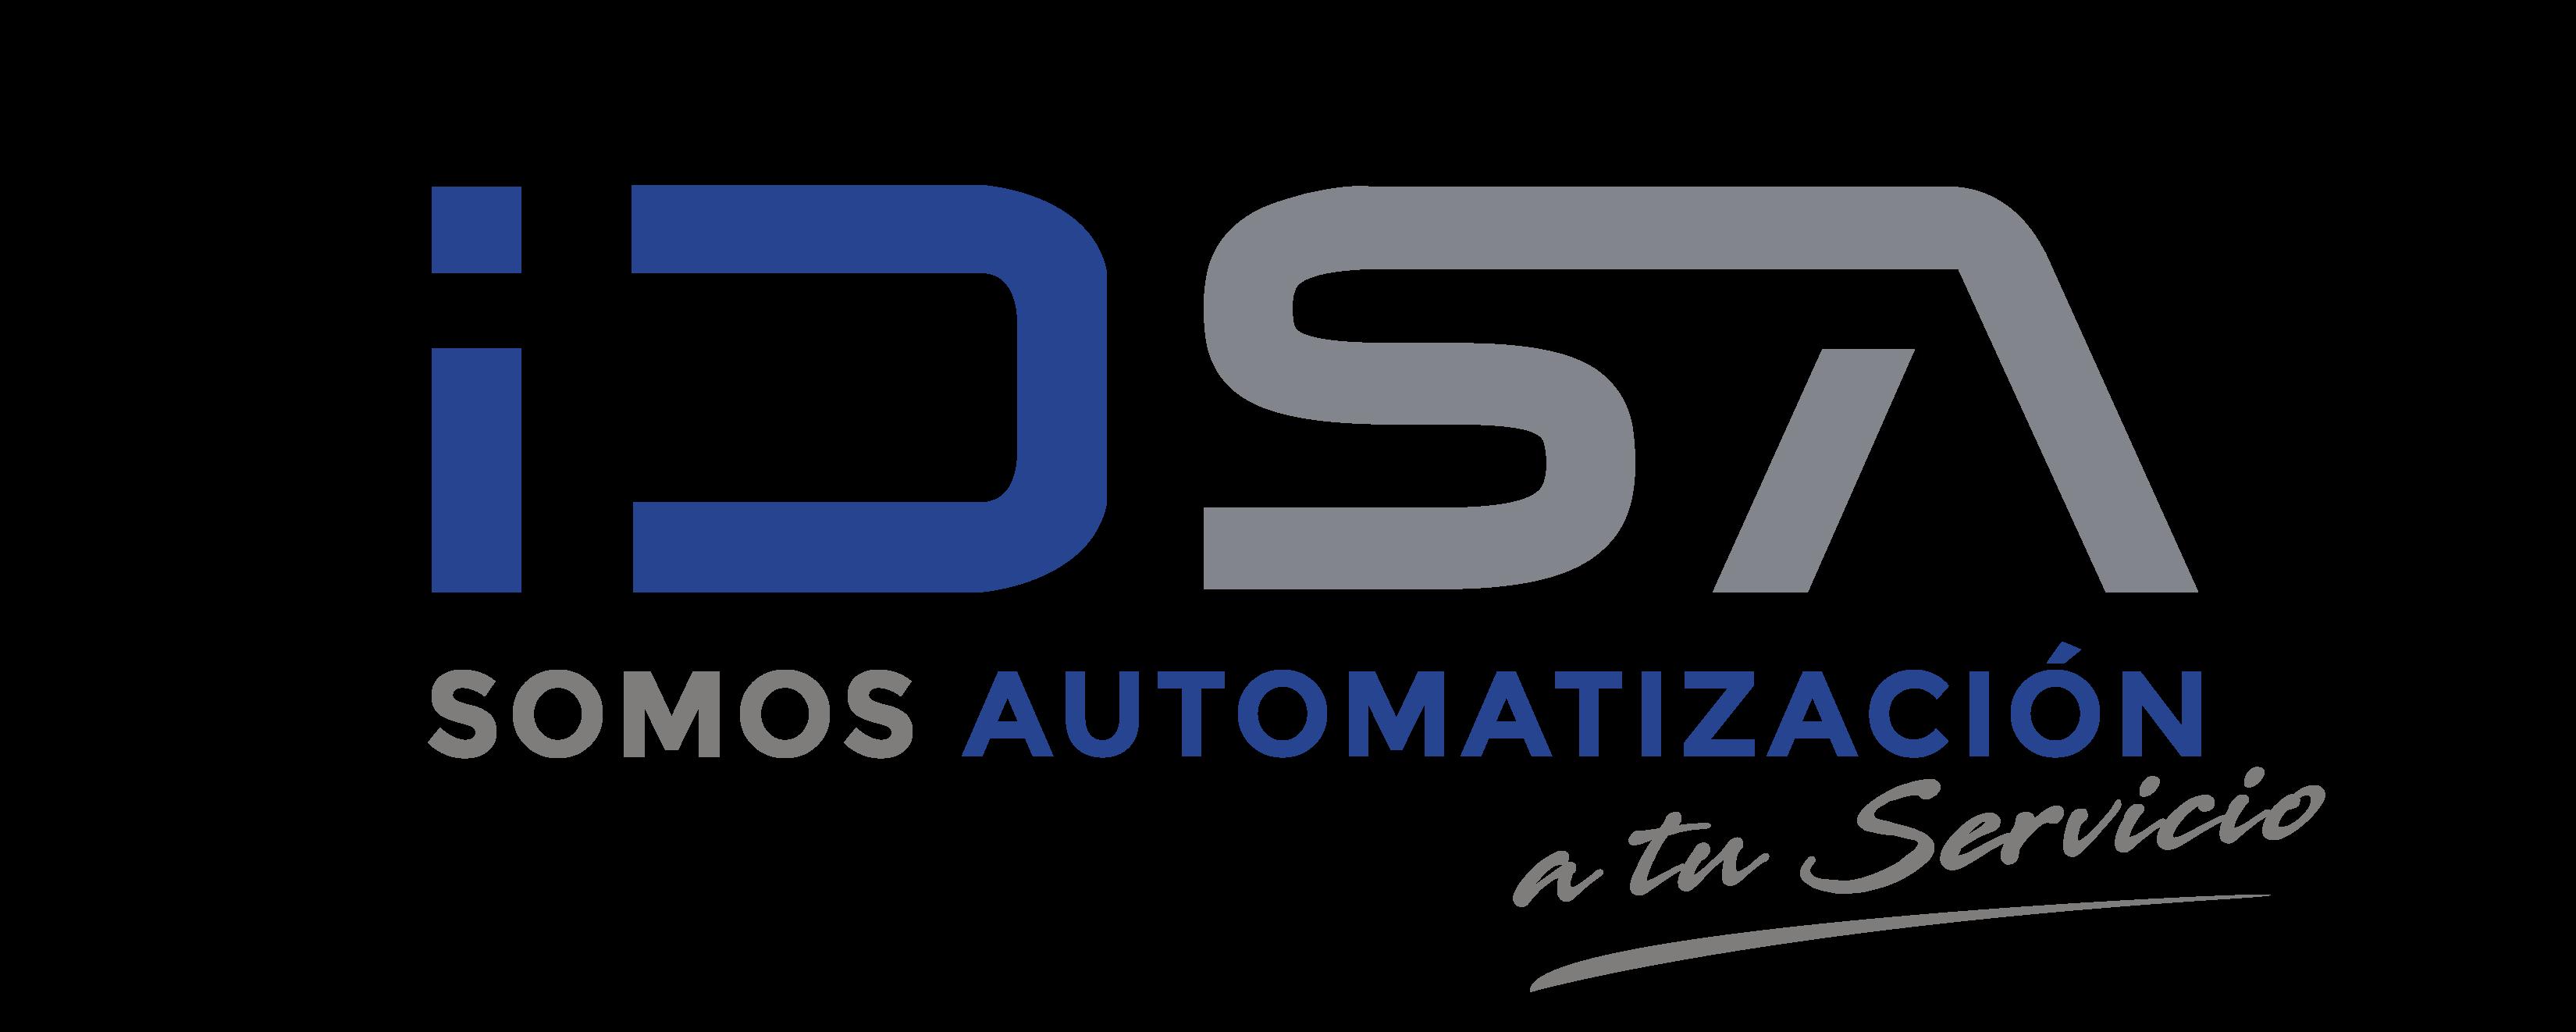 Automatización en El Salvador